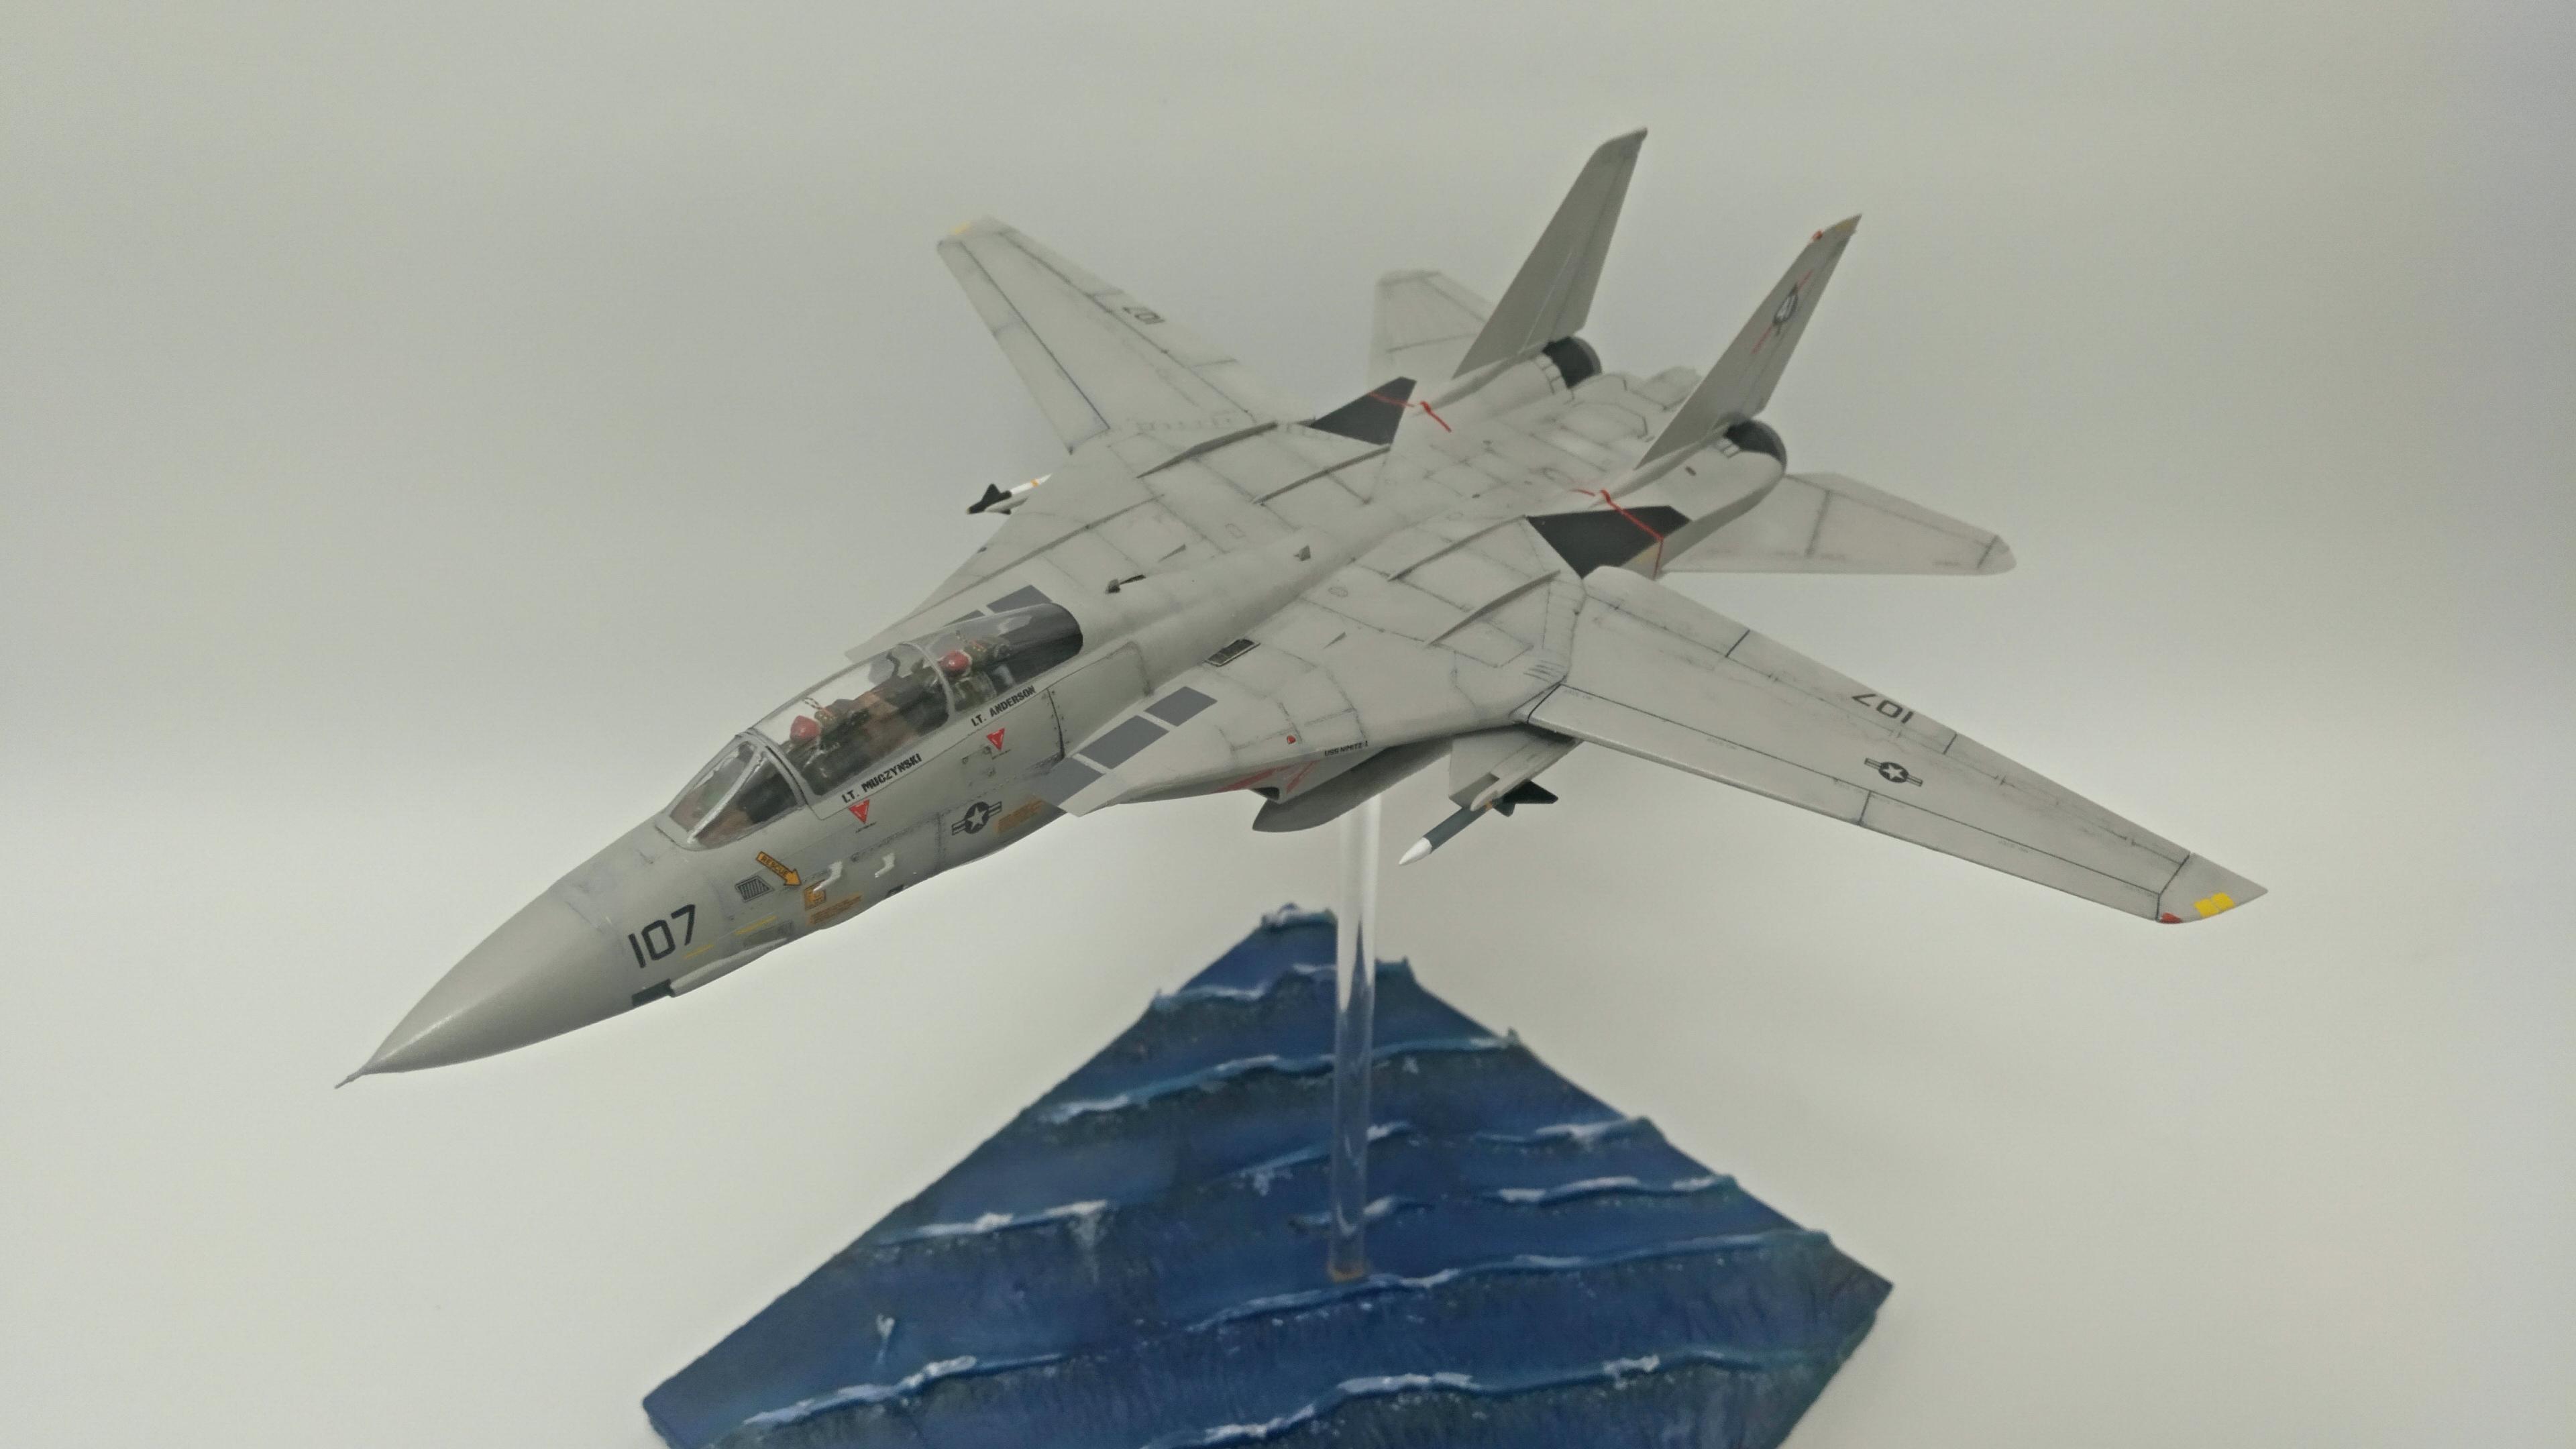 83-F-14-vs-Su-22-4.jpg